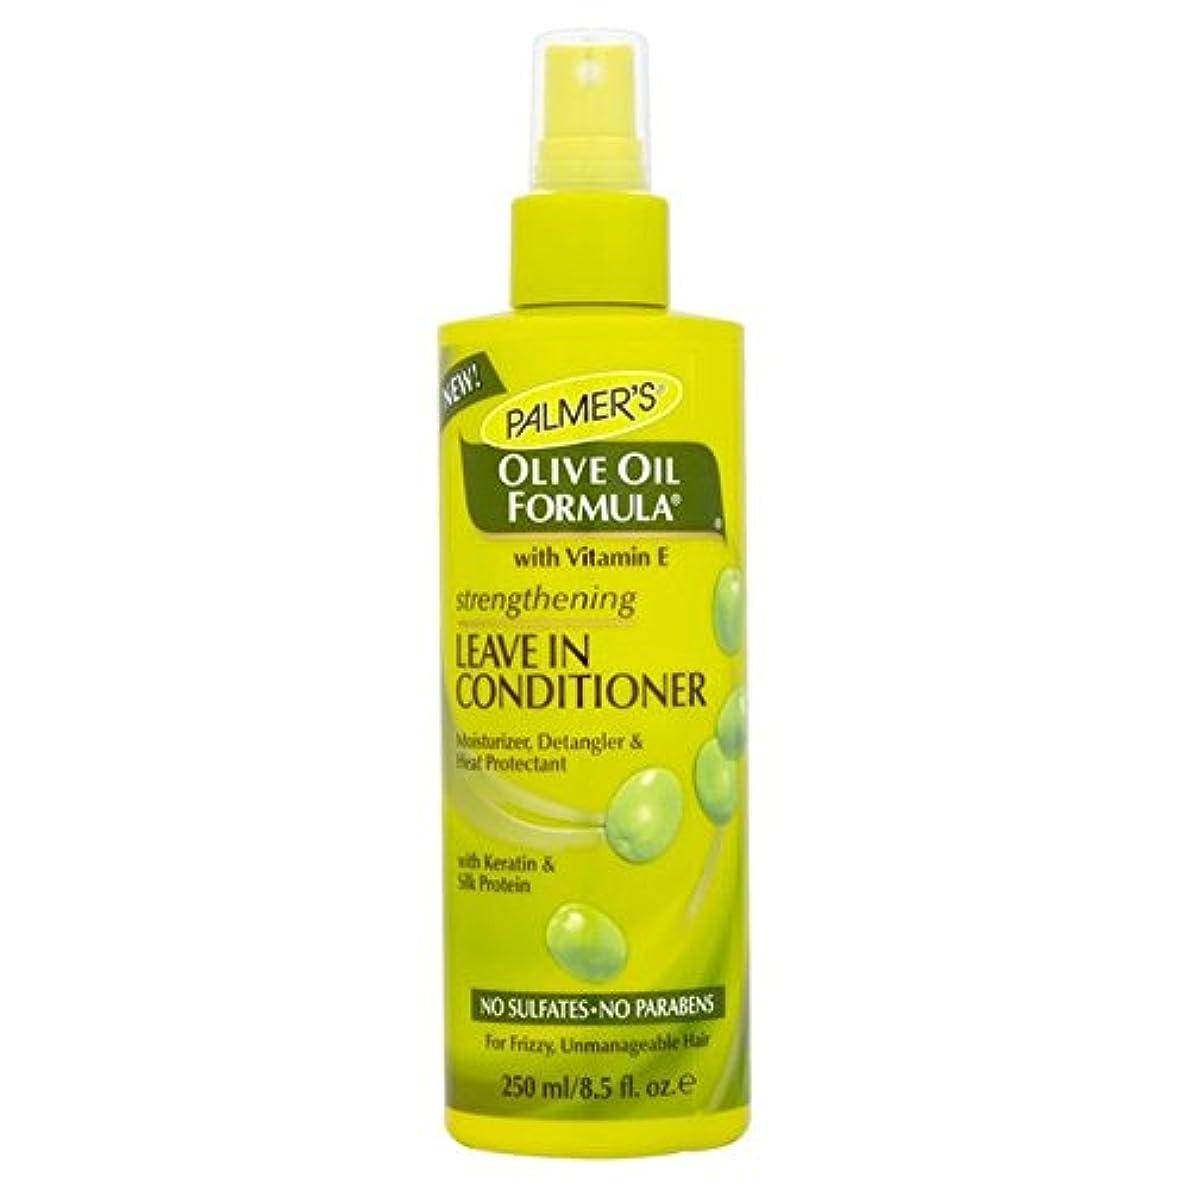 操縦する信頼病なPalmer's Olive Oil Formula Strengthening Leave-in Conditioner 250ml - リーブインコンディショナー250を強化パーマーのオリーブオイル式 [並行輸入品]